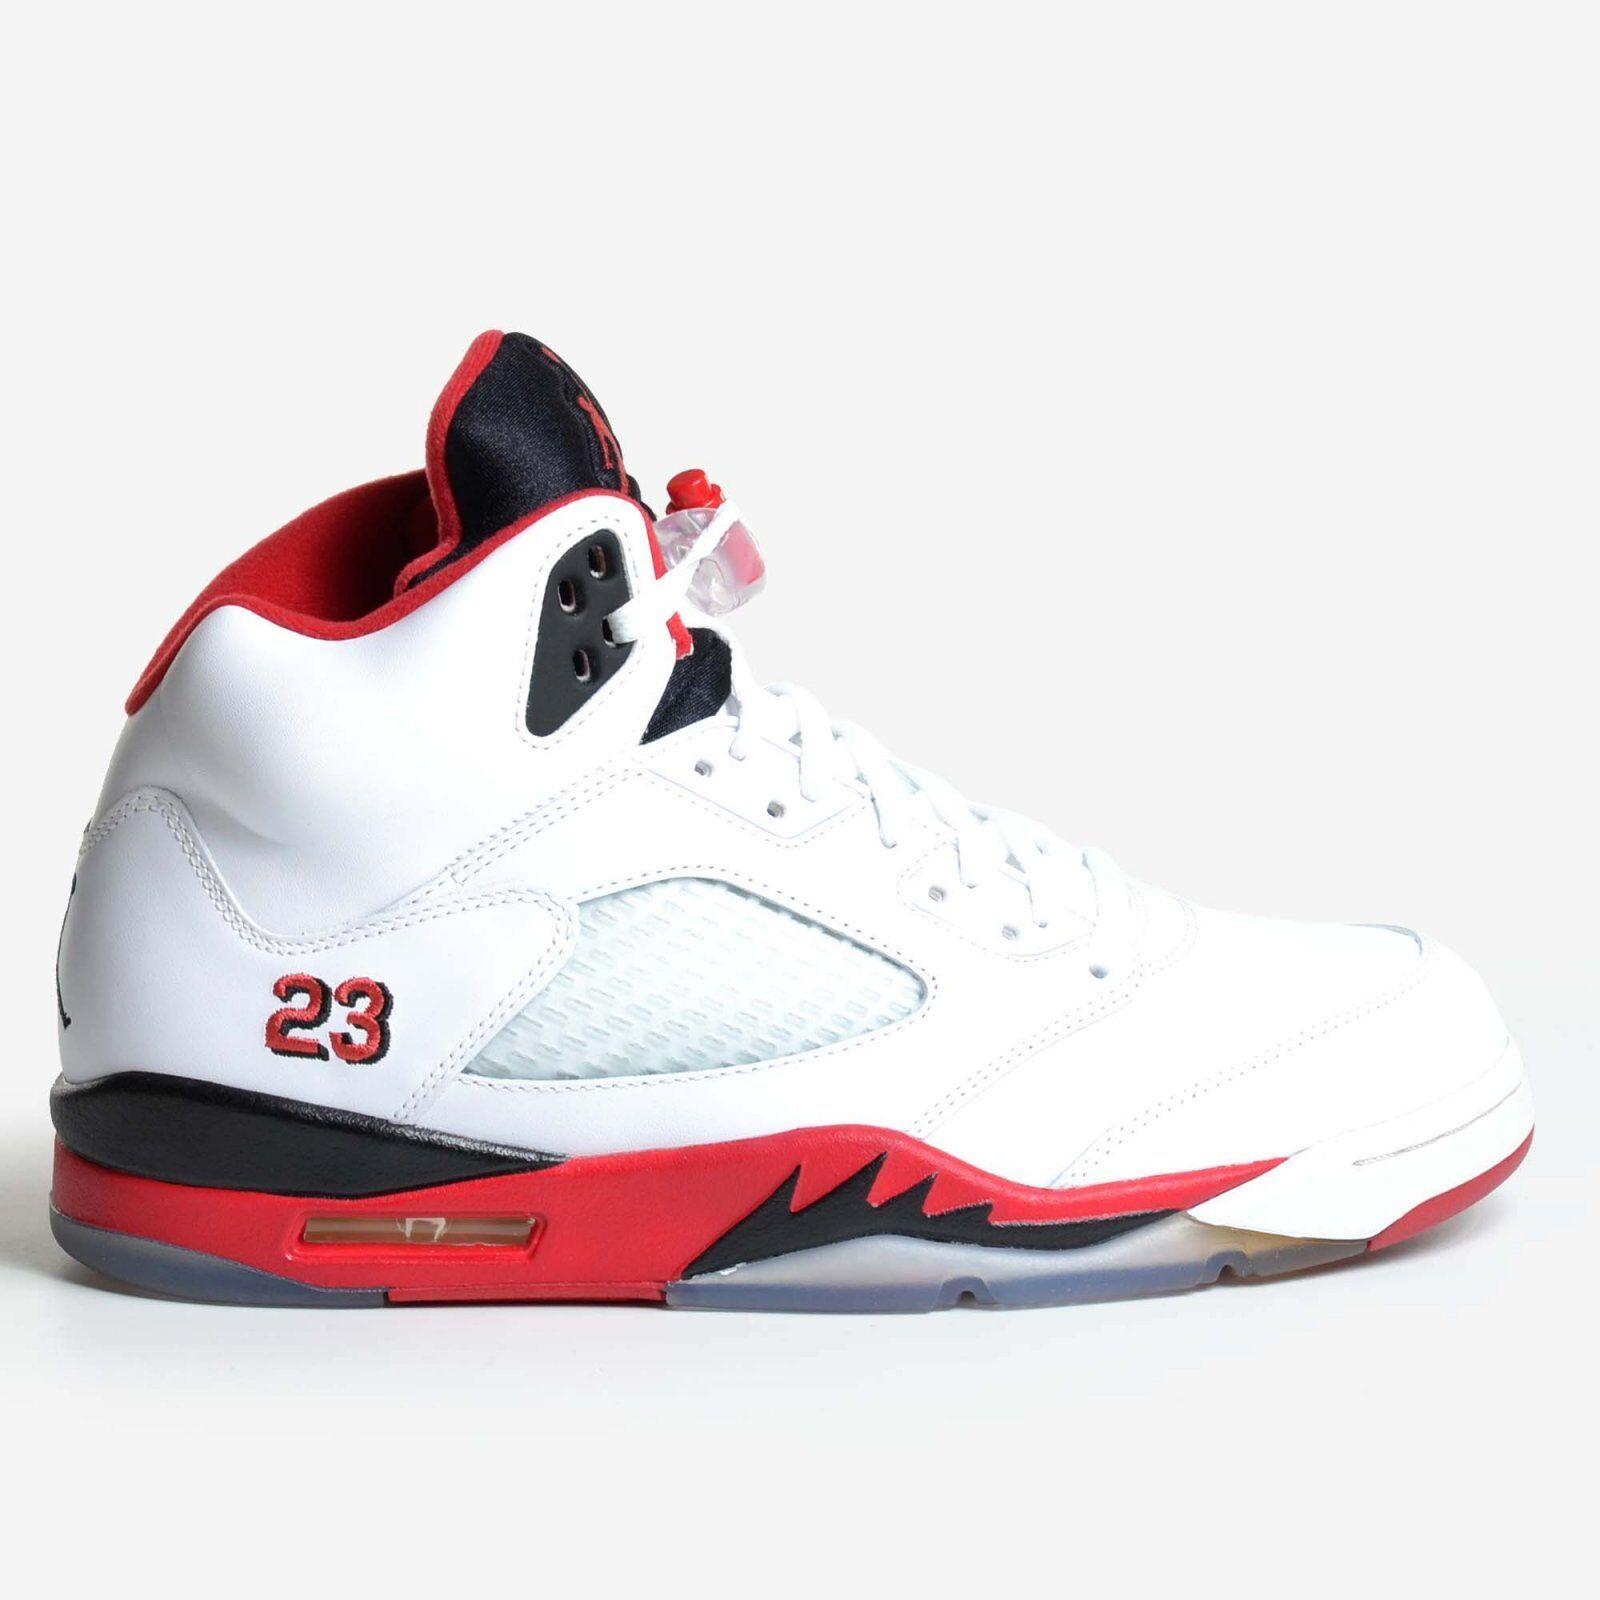 Air Jordan 5 Retro White 2013 Fire Red Black V Men's Basketball 136027-120